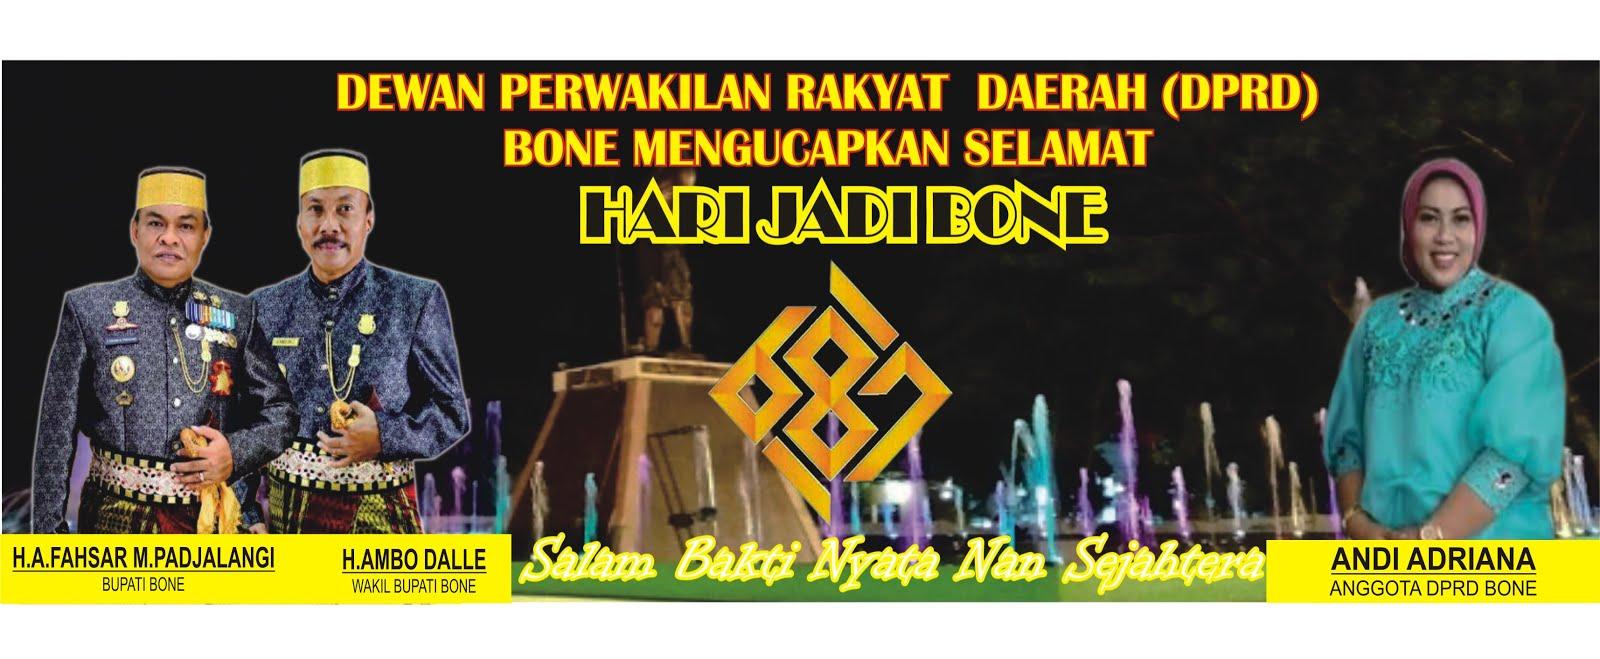 UCAPAN HARI JADI BONE